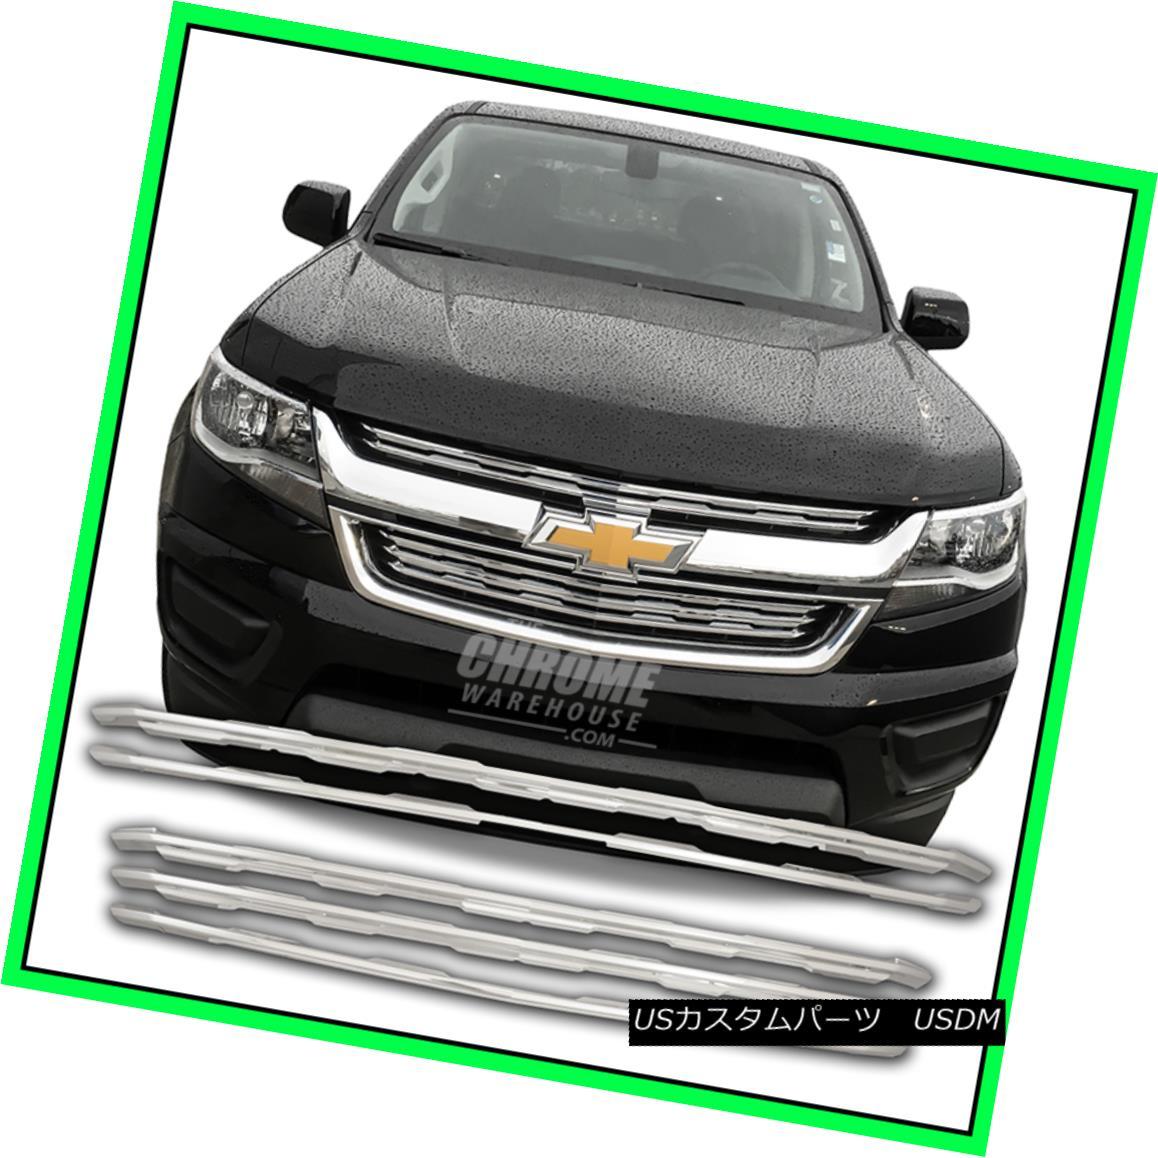 グリル Fits 15-16 Chevy Colorado LT, WT - Chrome Grille Overlay 15-16 Chevy Colorado LT、WT - Chrome Grille Overlayに適合